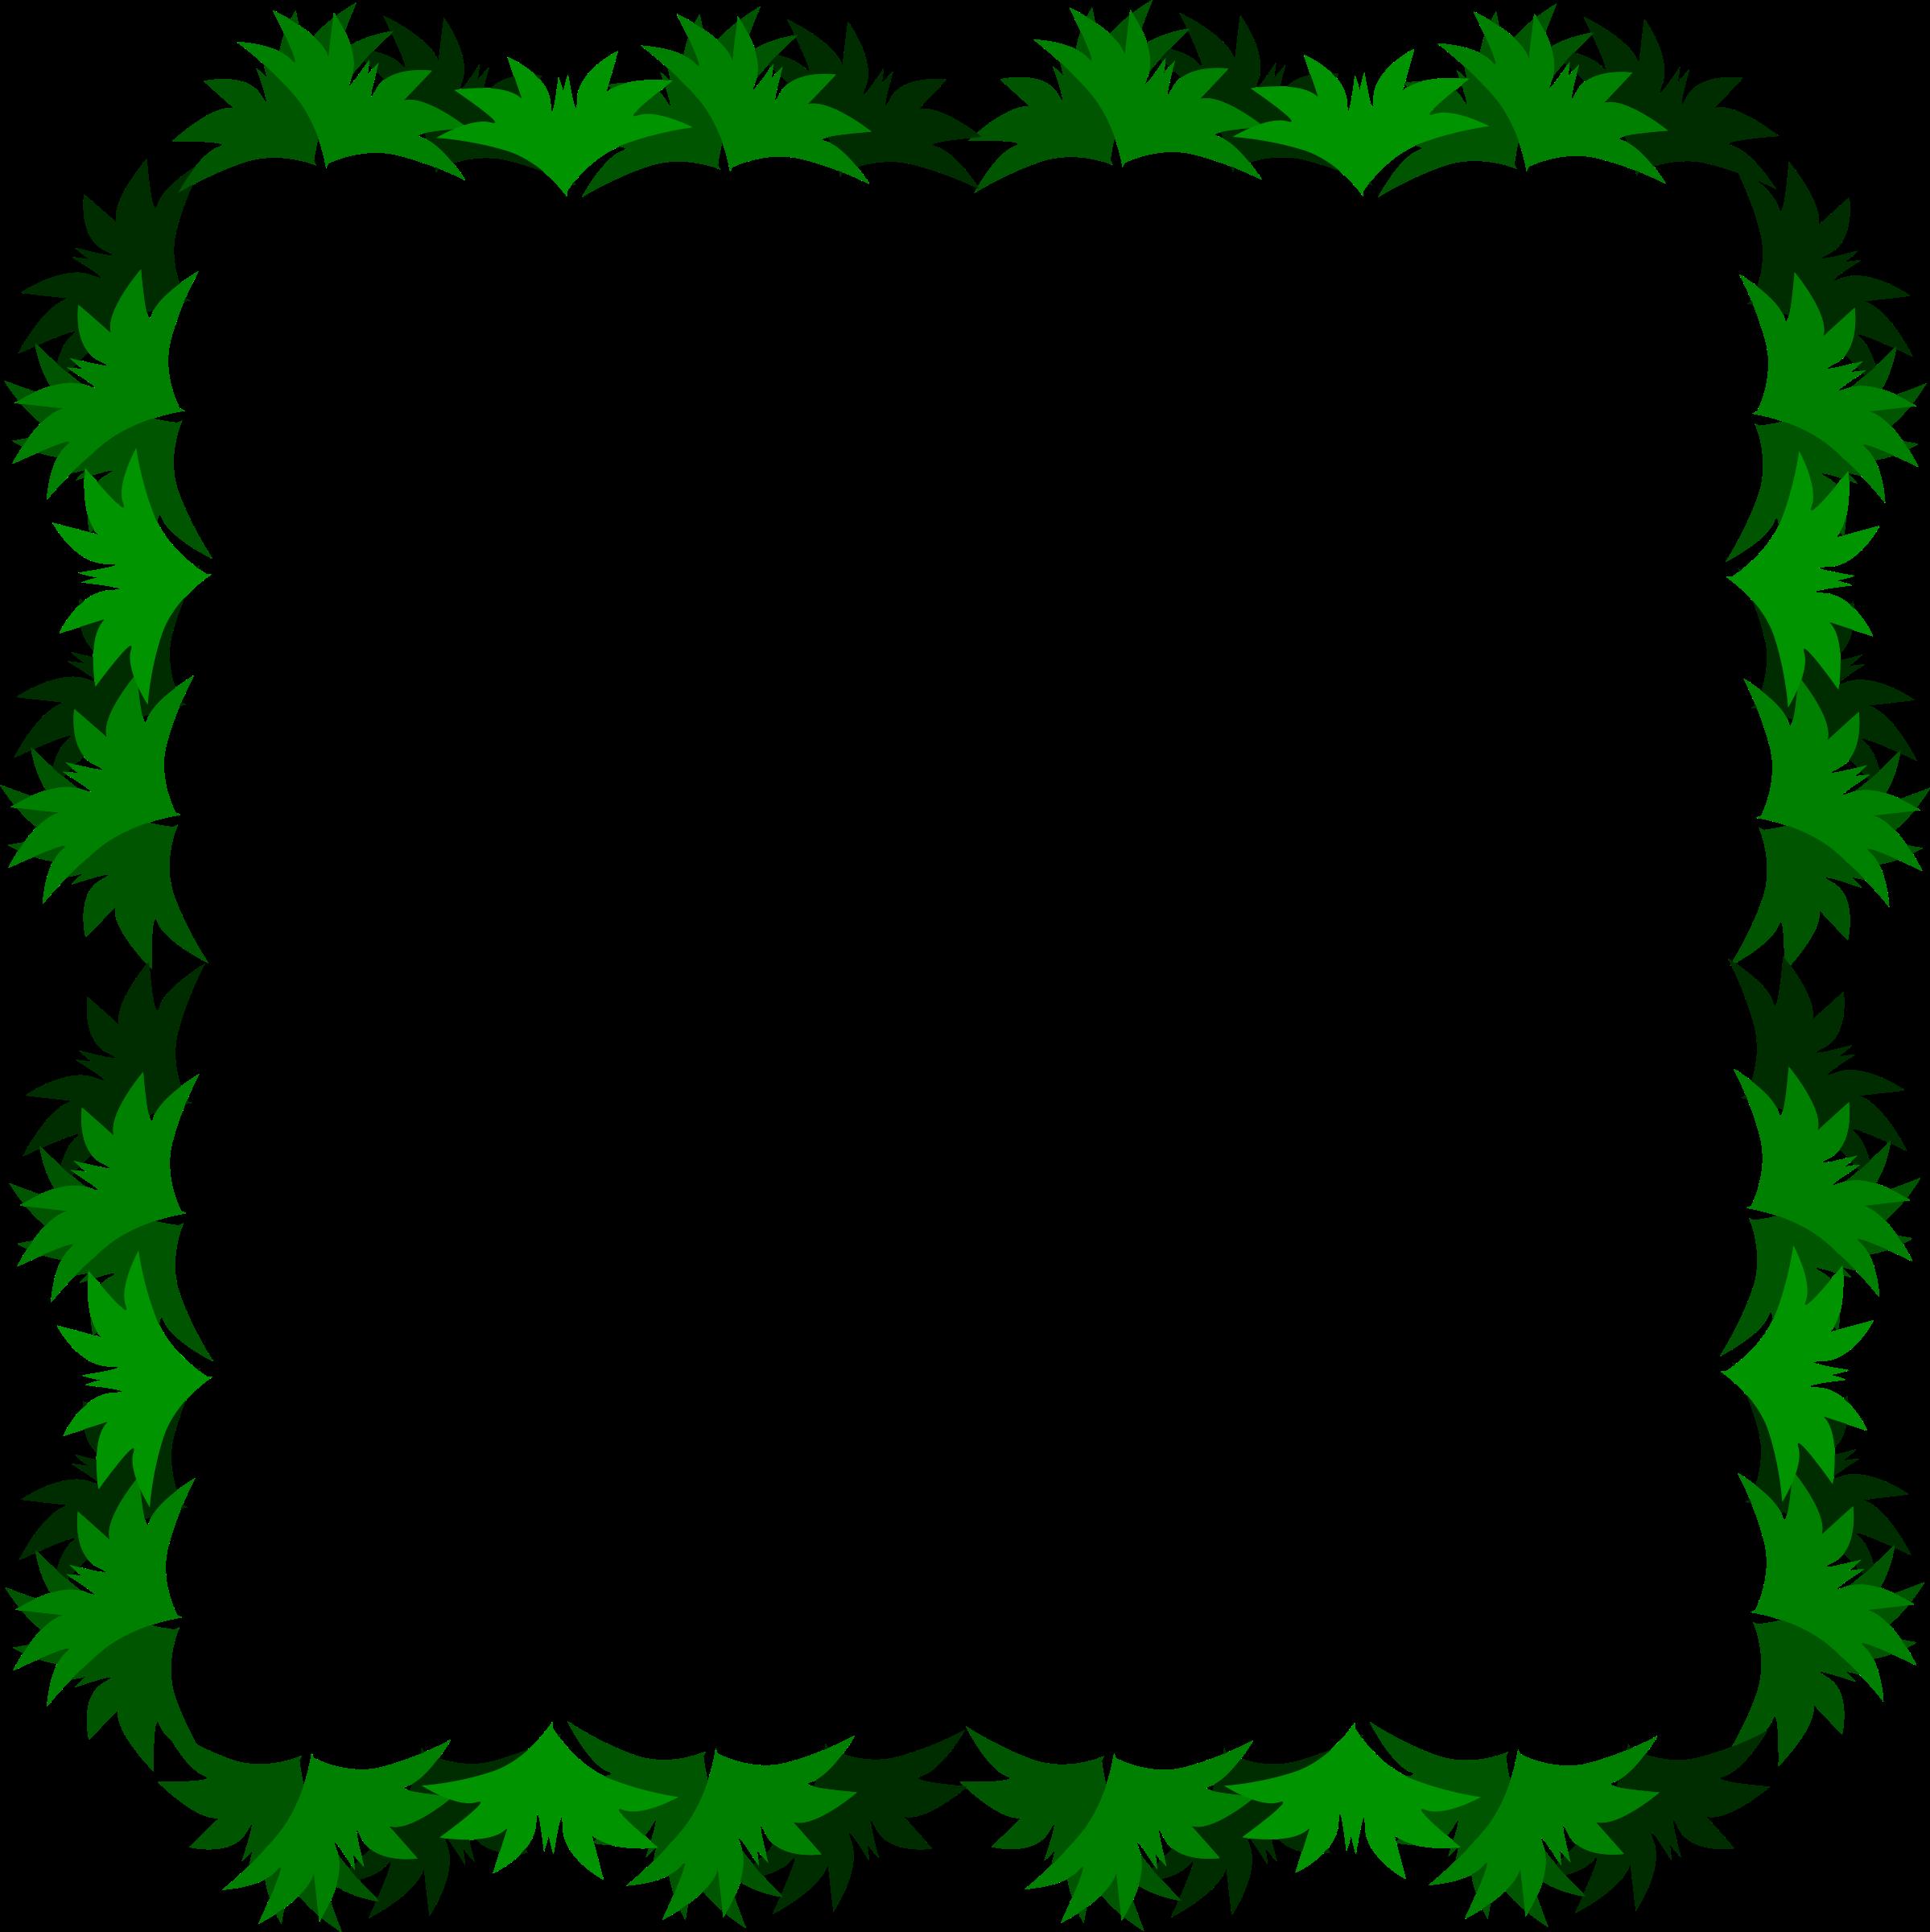 Grass border clipart clipart best for Grass border